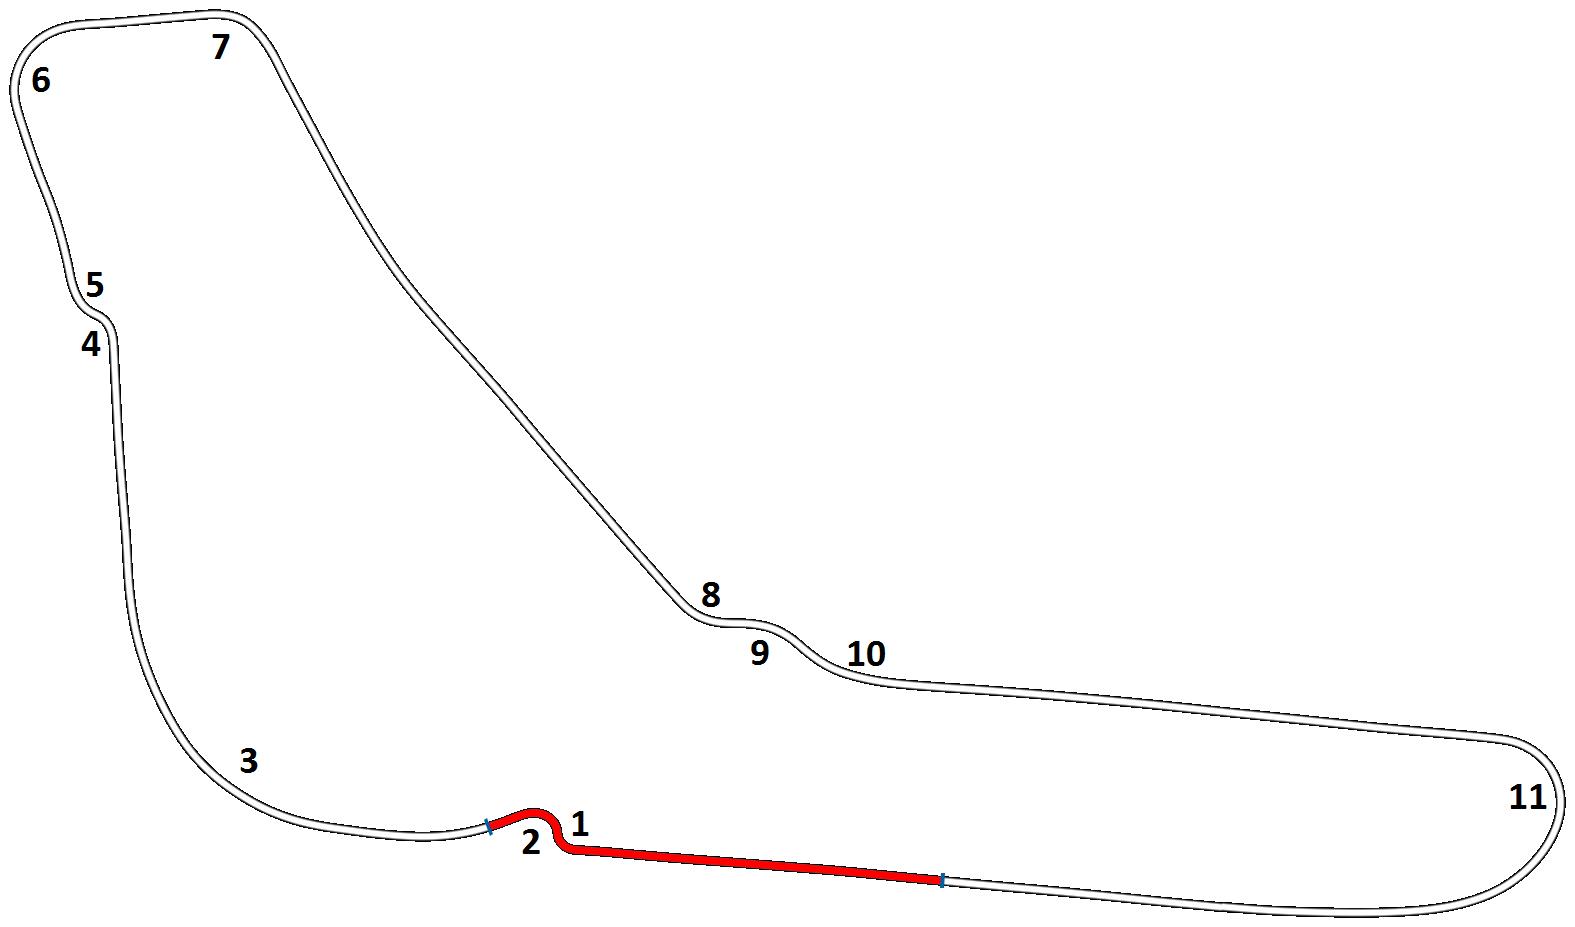 Round 3 Monza RaceDepartment